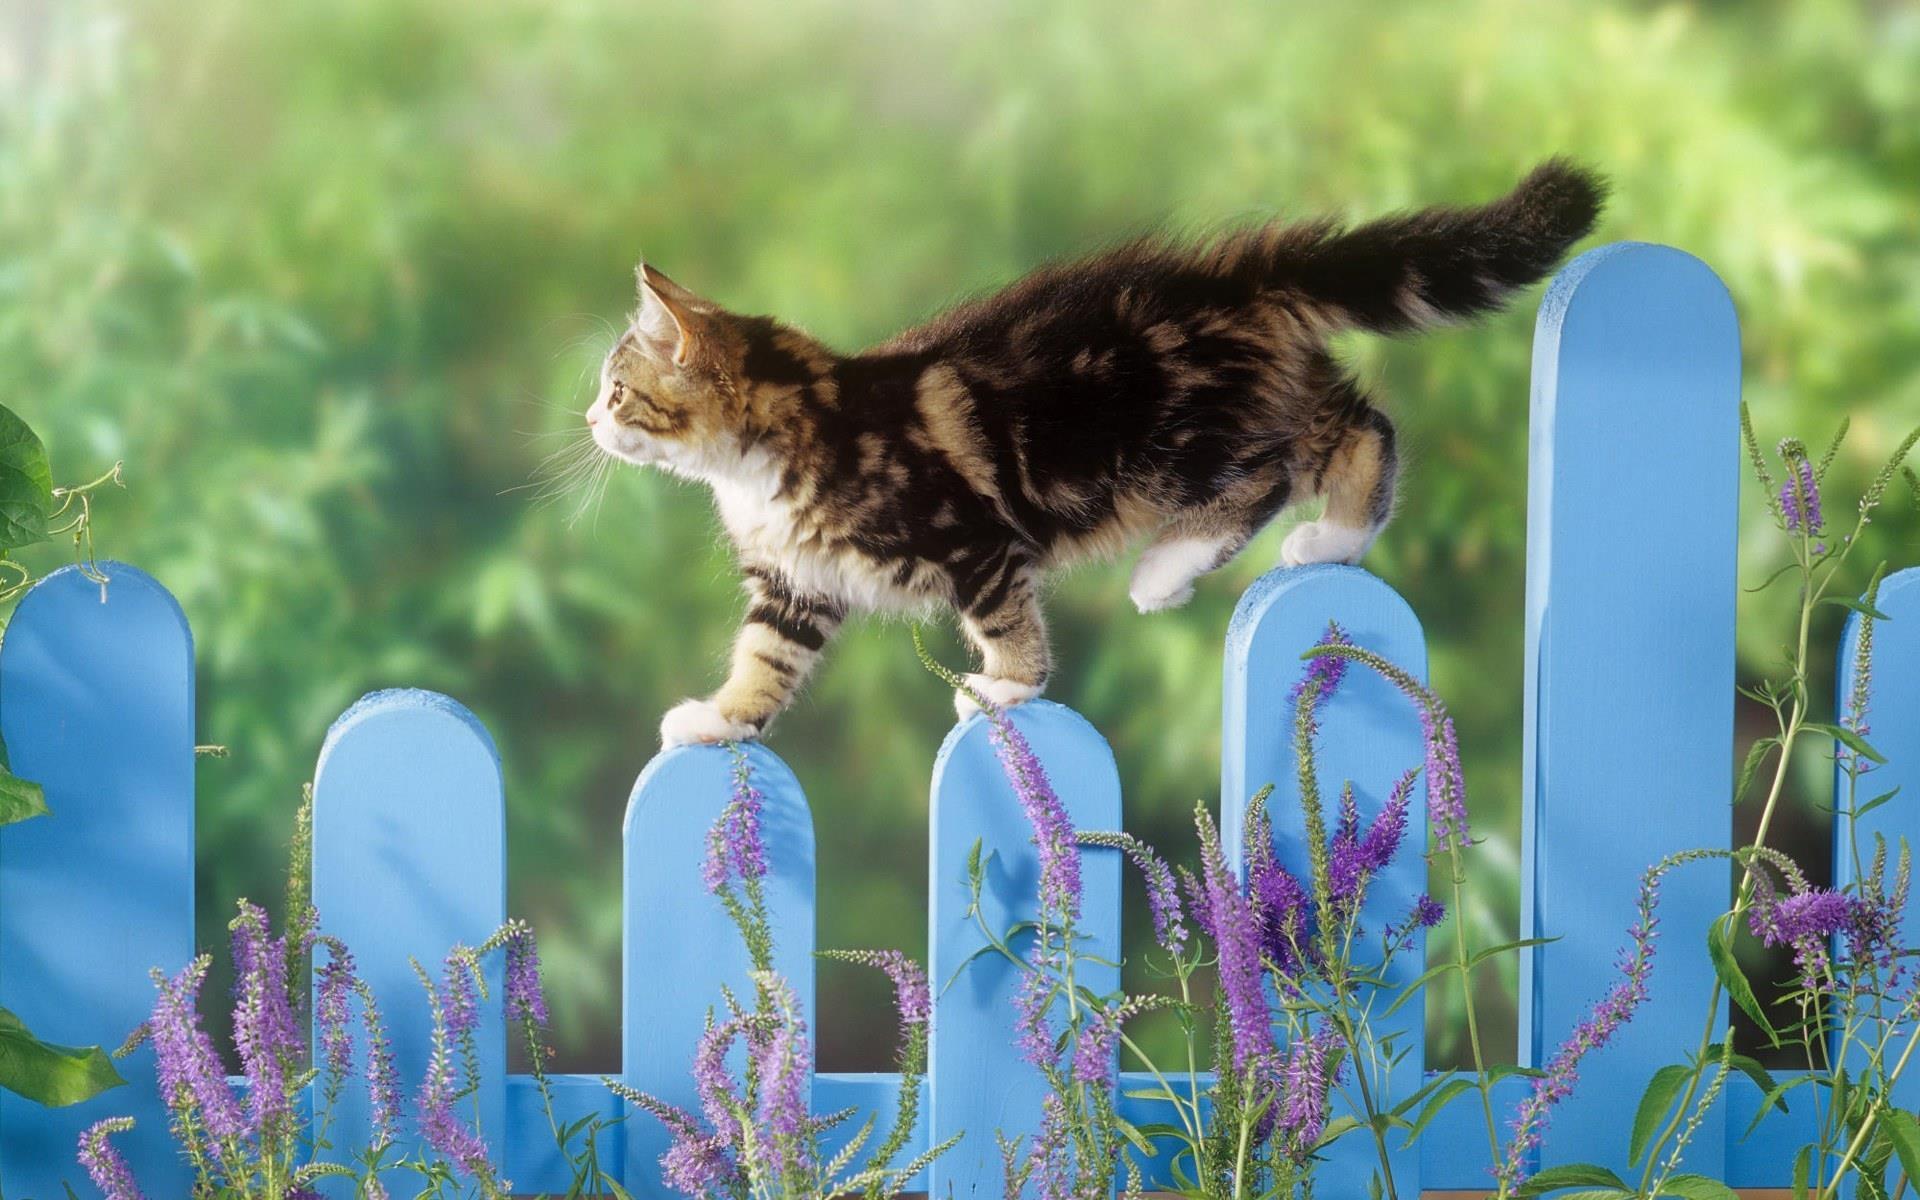 Telecharger ginger le chat qui parle gratuitement